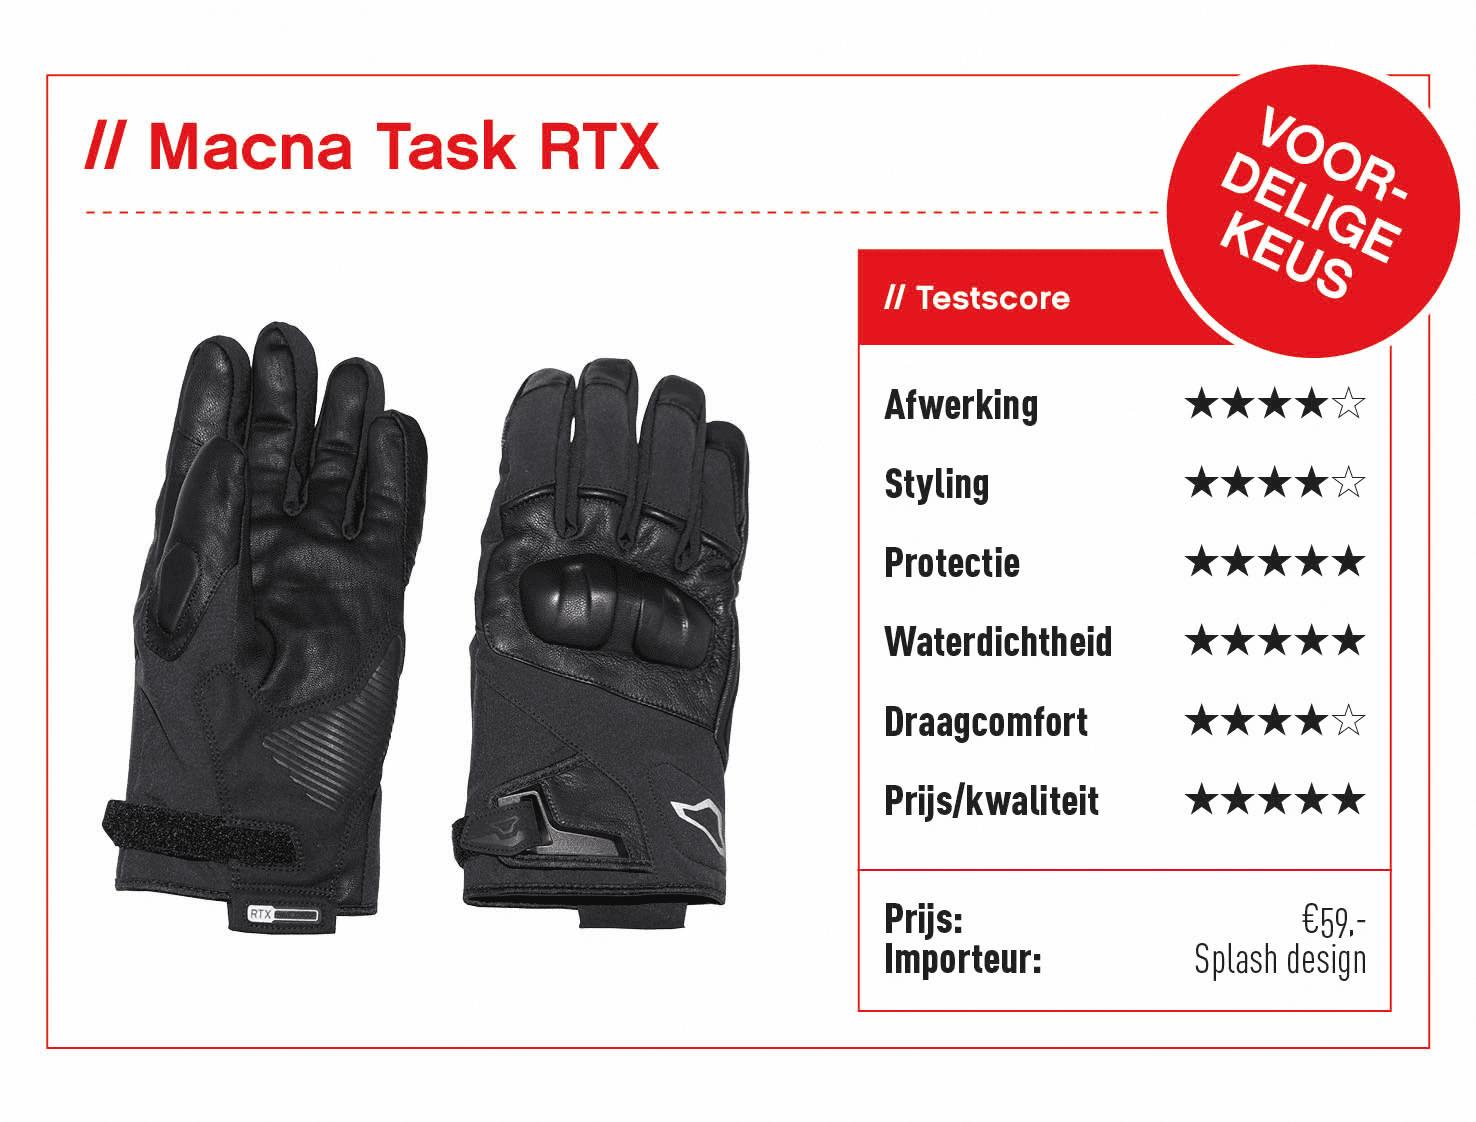 Macna Task RTX handschoenen met score